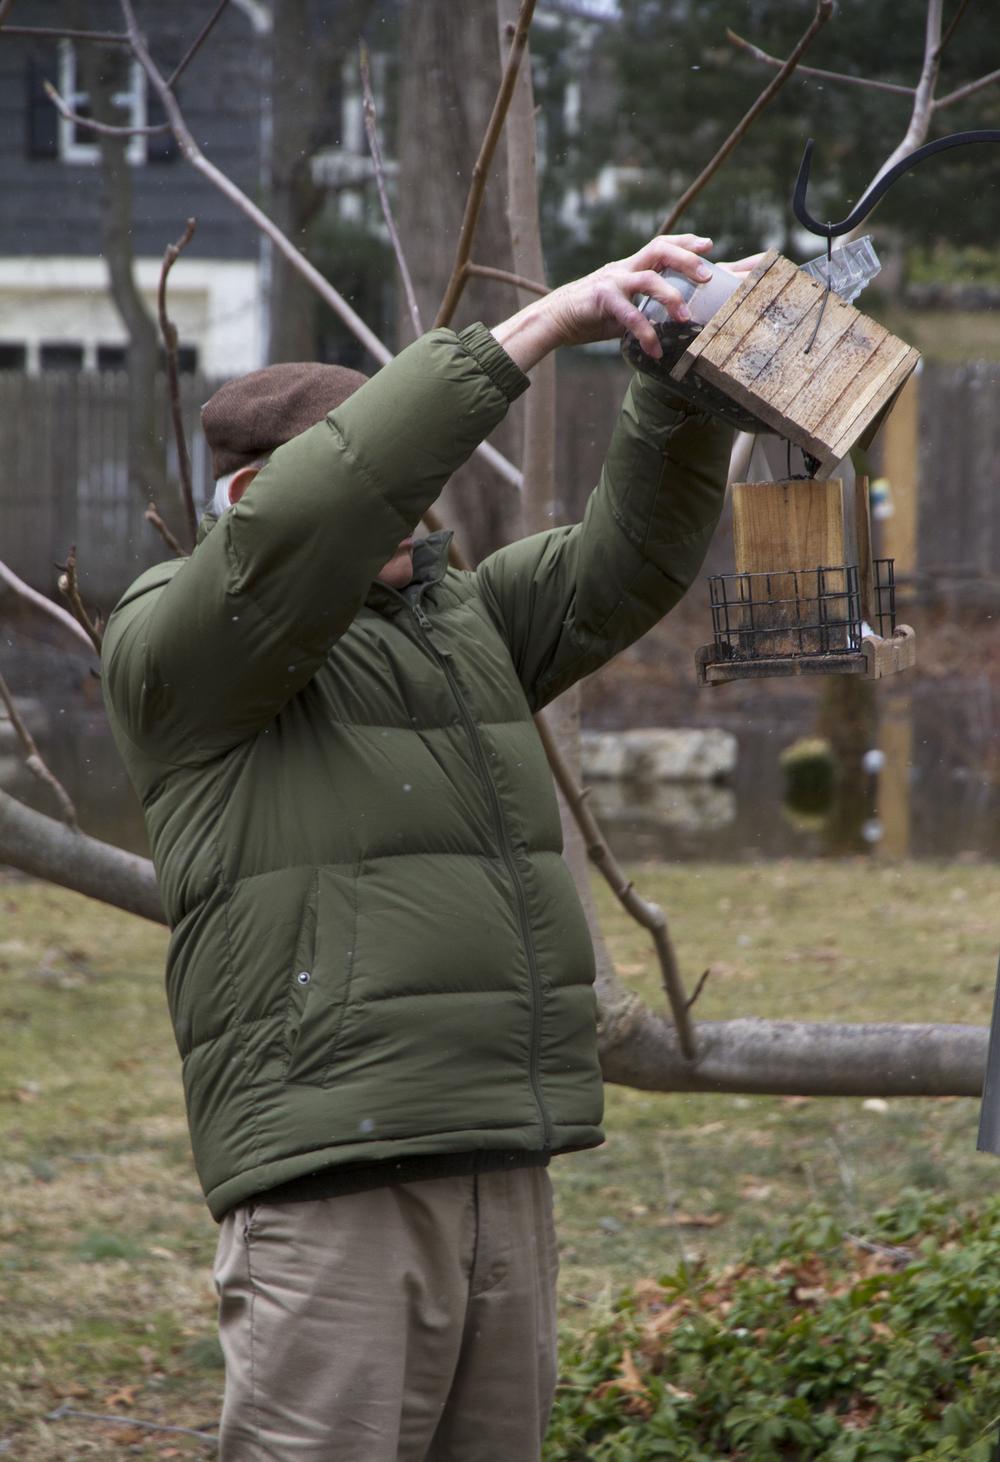 Feeding The Neighbor's Birds